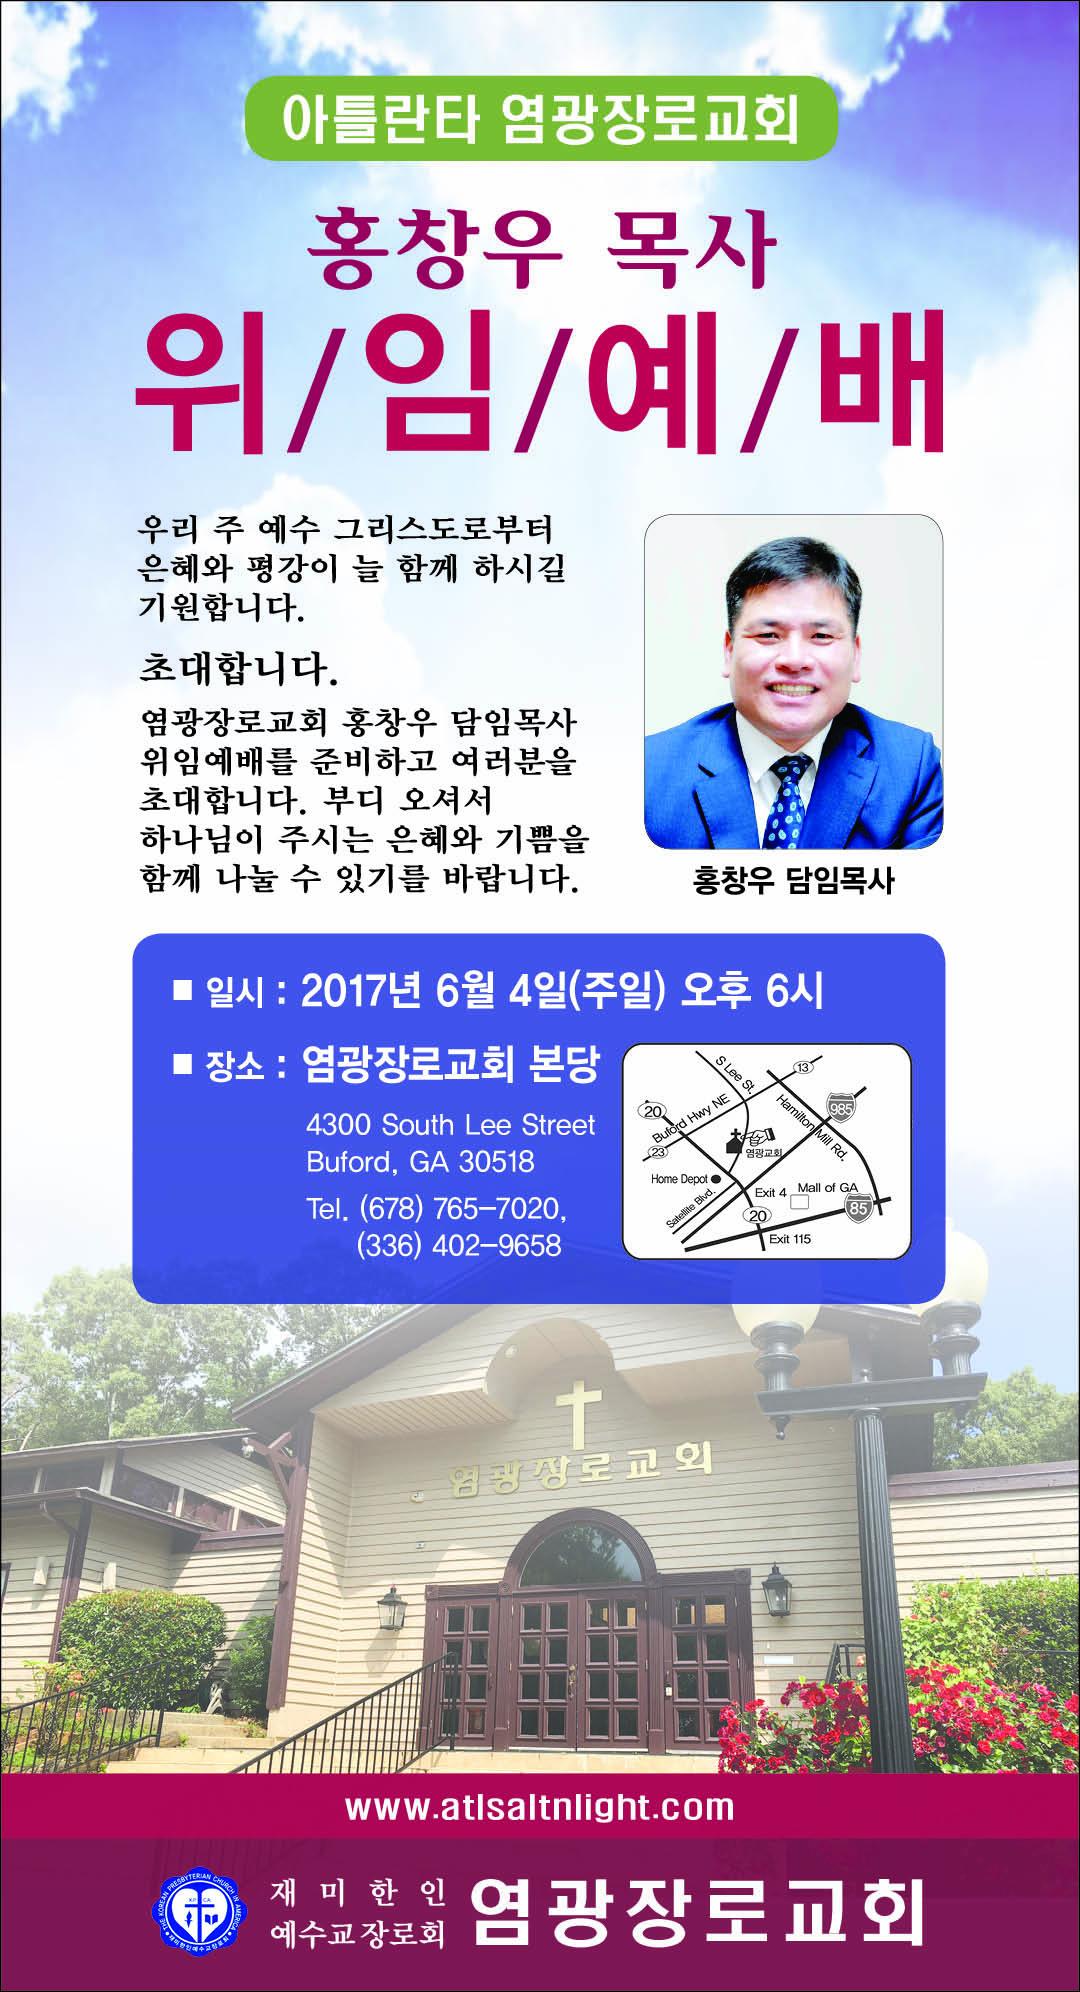 992_염광장로교회 위임예배_FC_수정_052517.jpg